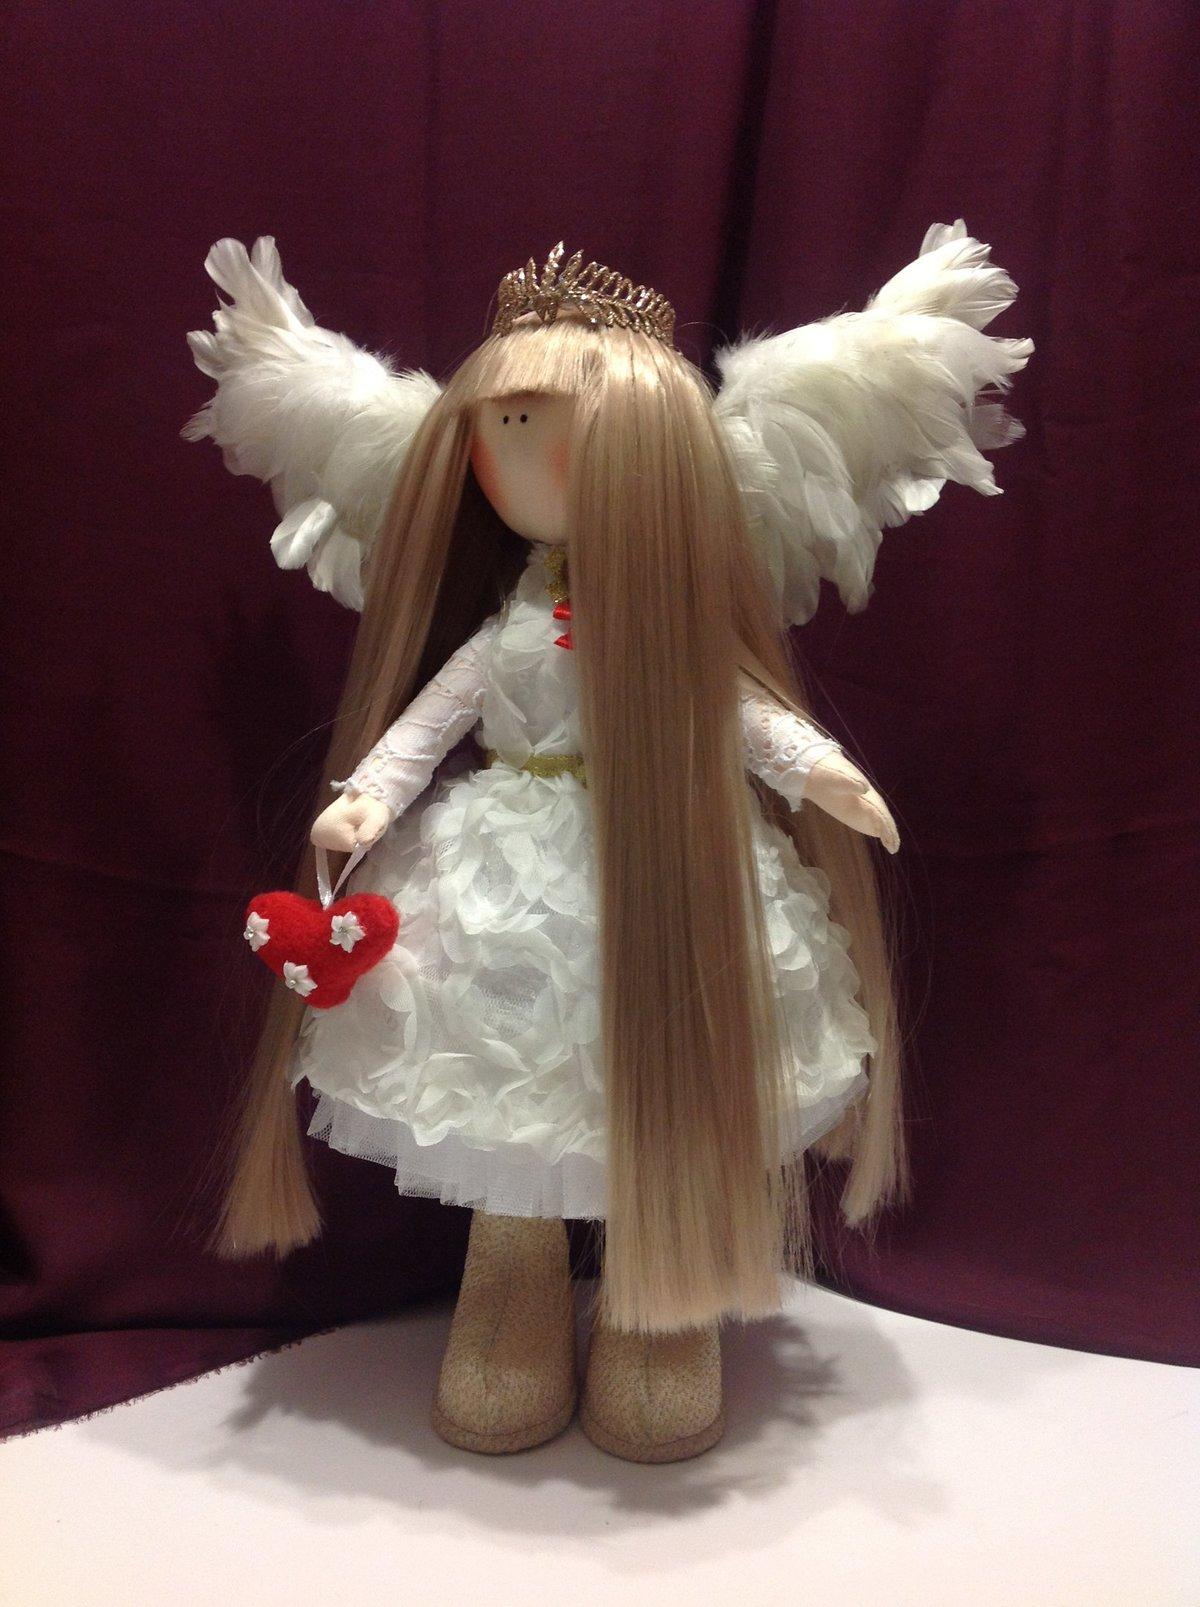 """Текстильна лялька """"Ангел Аврора""""» — картка користувача tihon4eva у ... e92d6be4ef64d"""